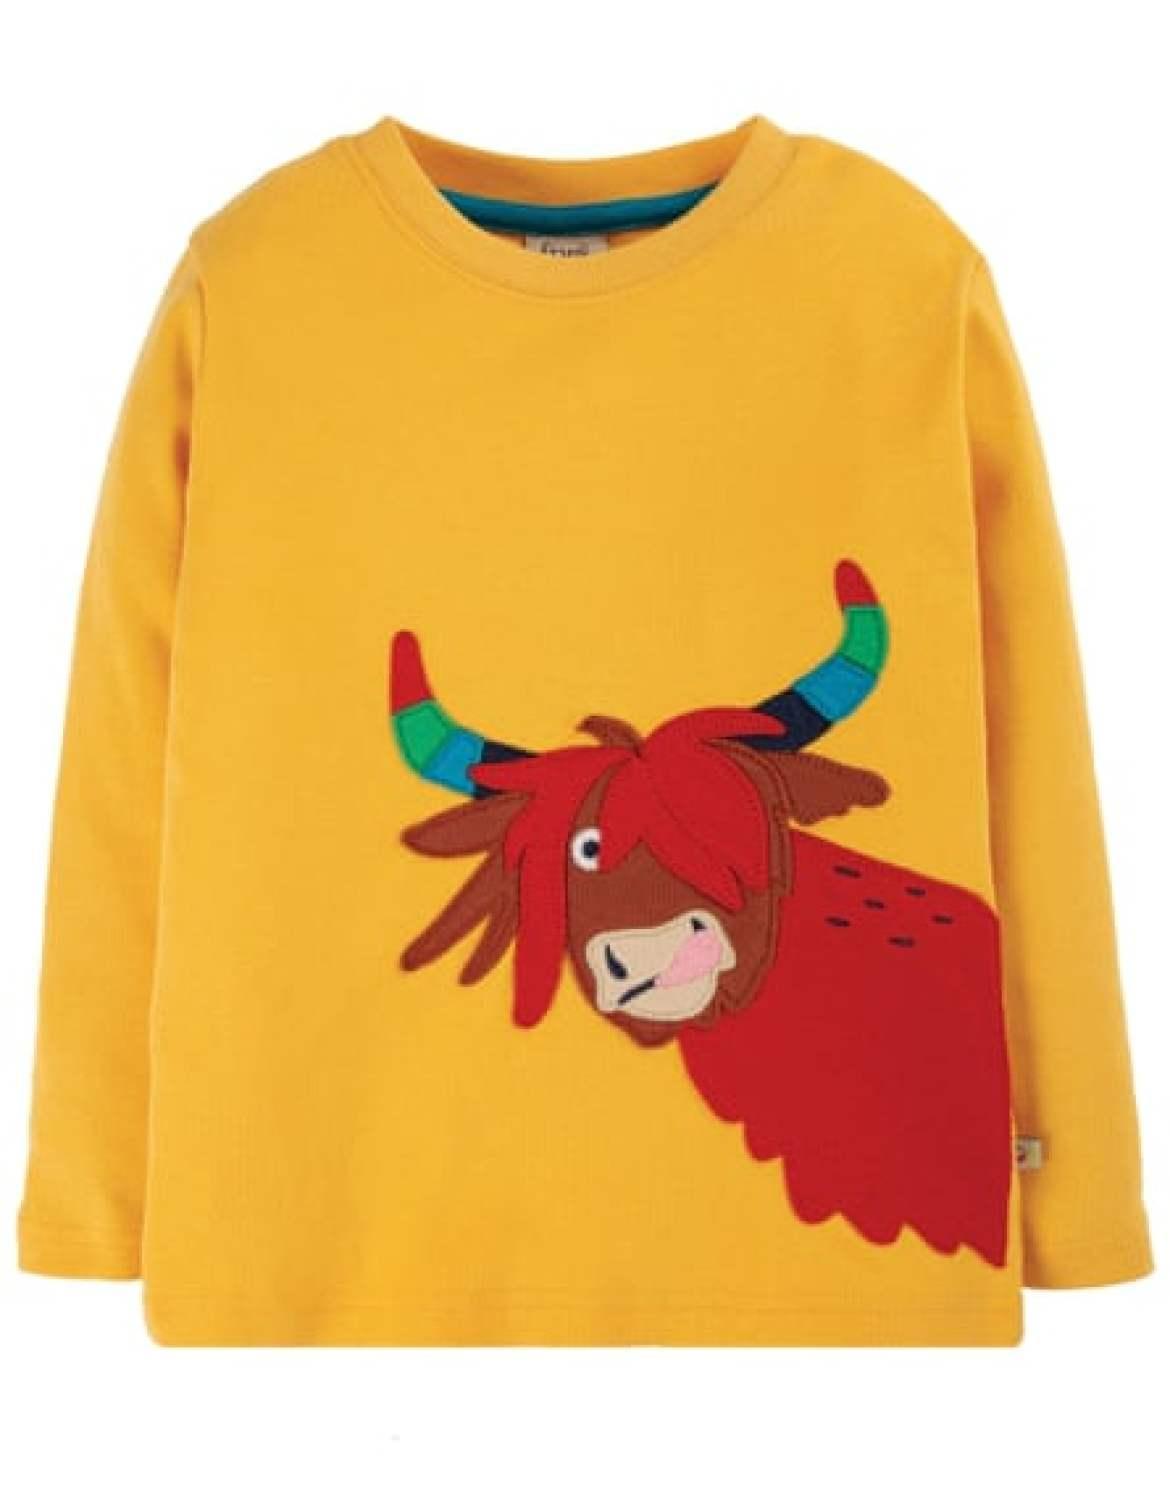 Kids' sweatshirt by Frugi